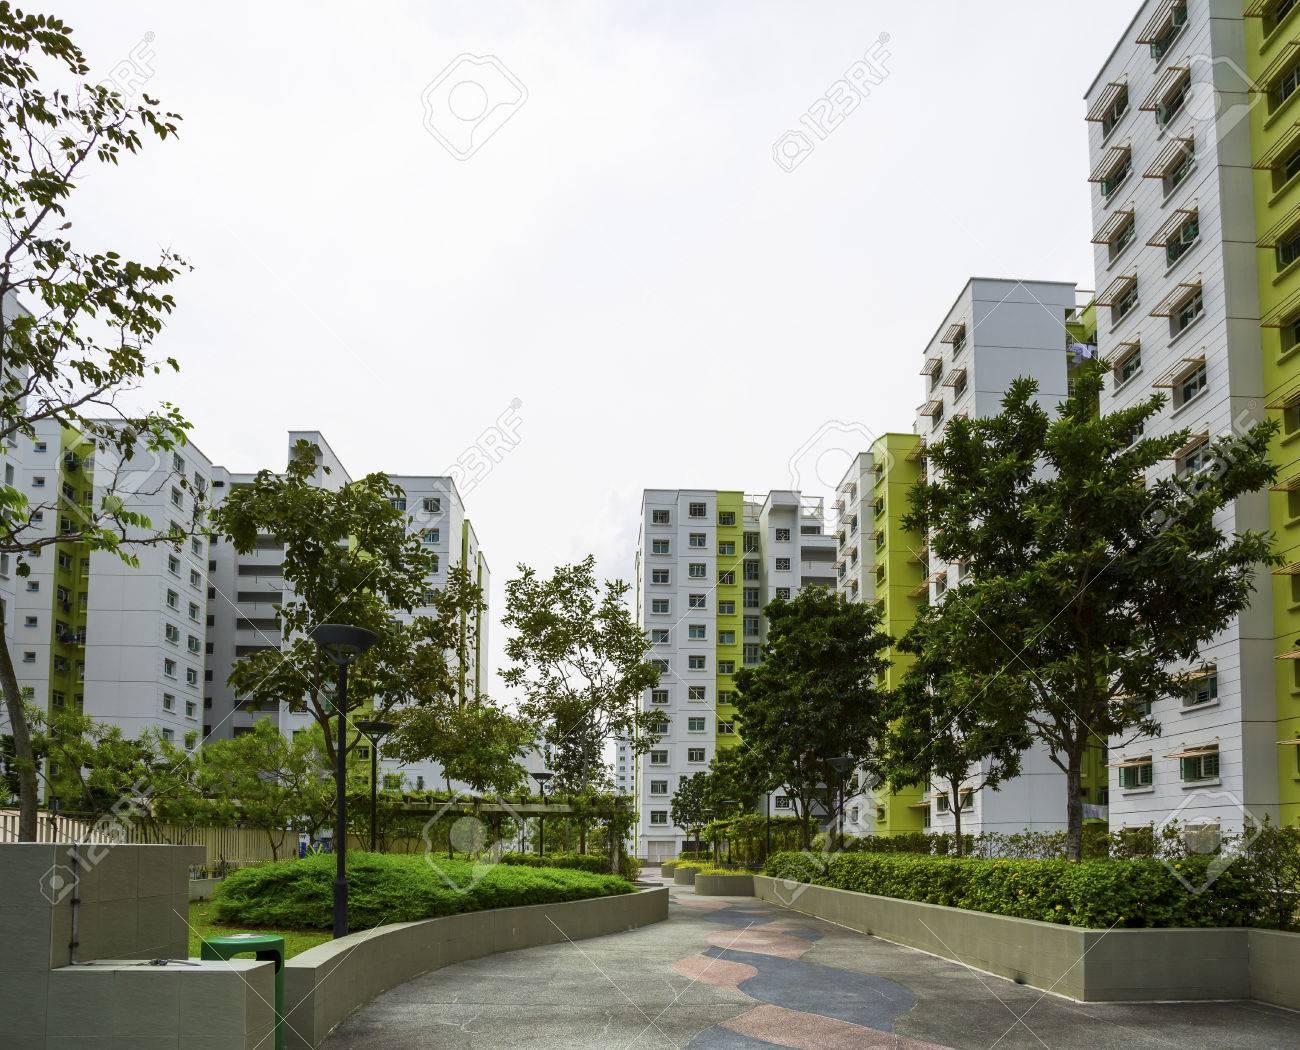 Ein Park, die zu einem grünen Anwesen in Singapur Standard-Bild - 22874623